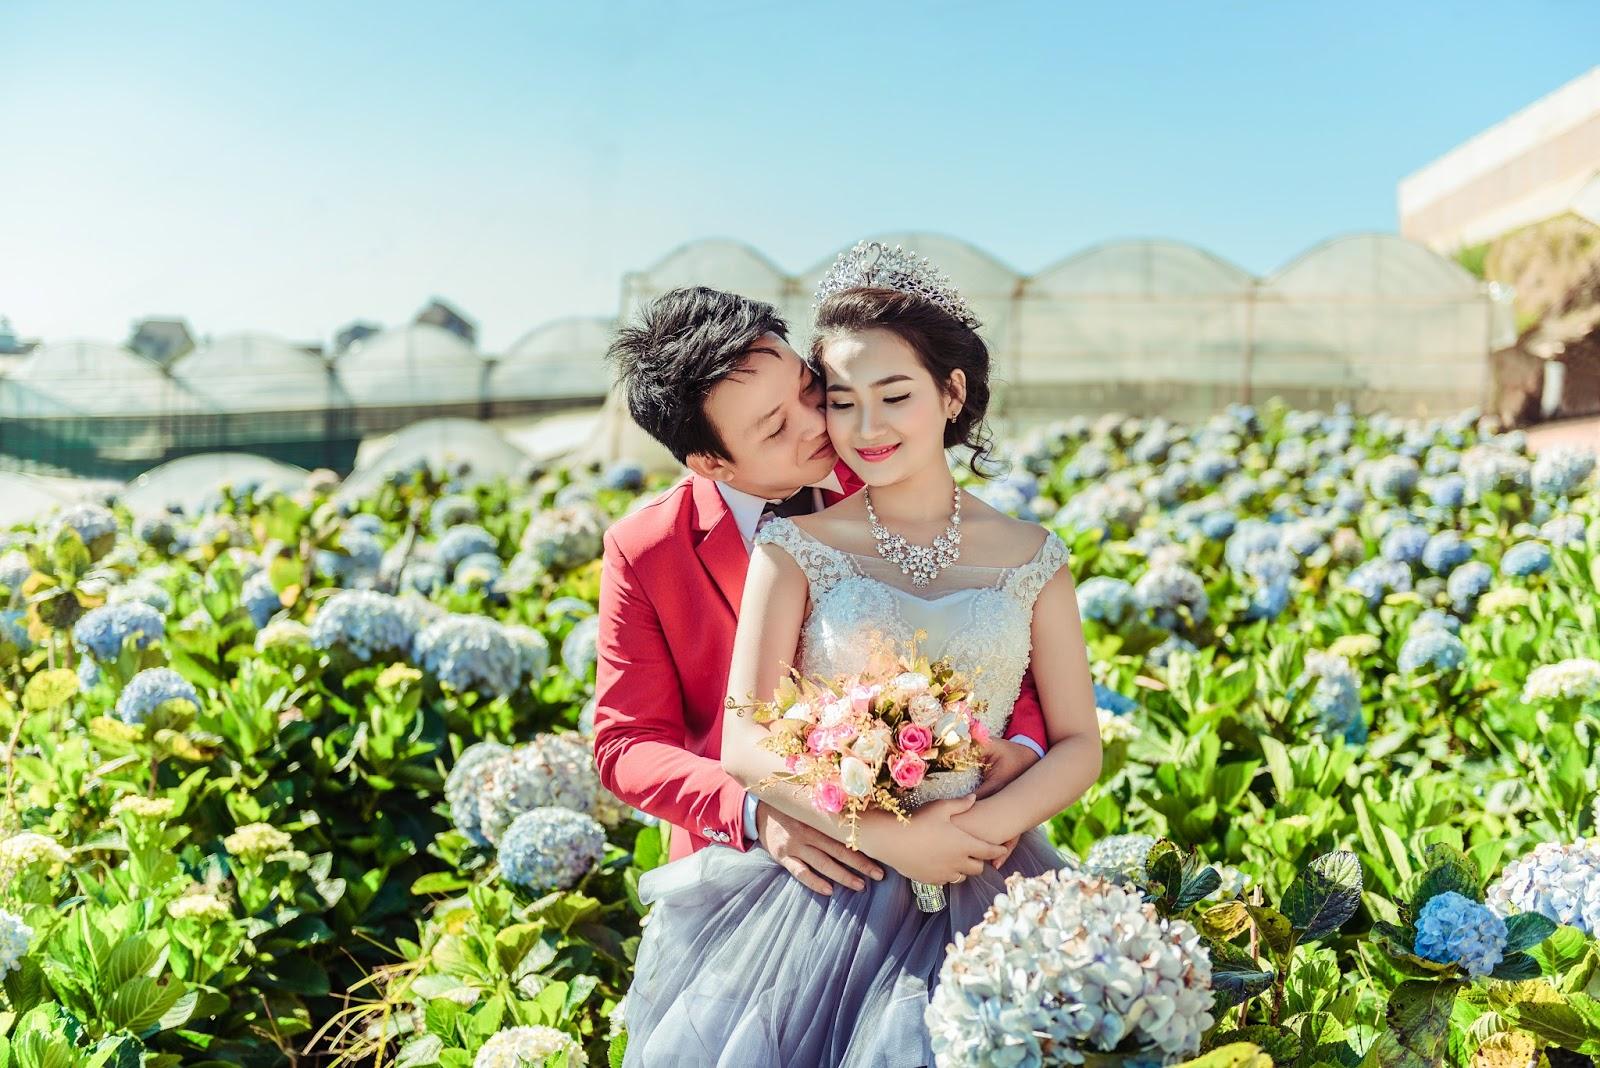 Kết quả hình ảnh cho chụp ảnh cưới festival hoa đà lạt 2019